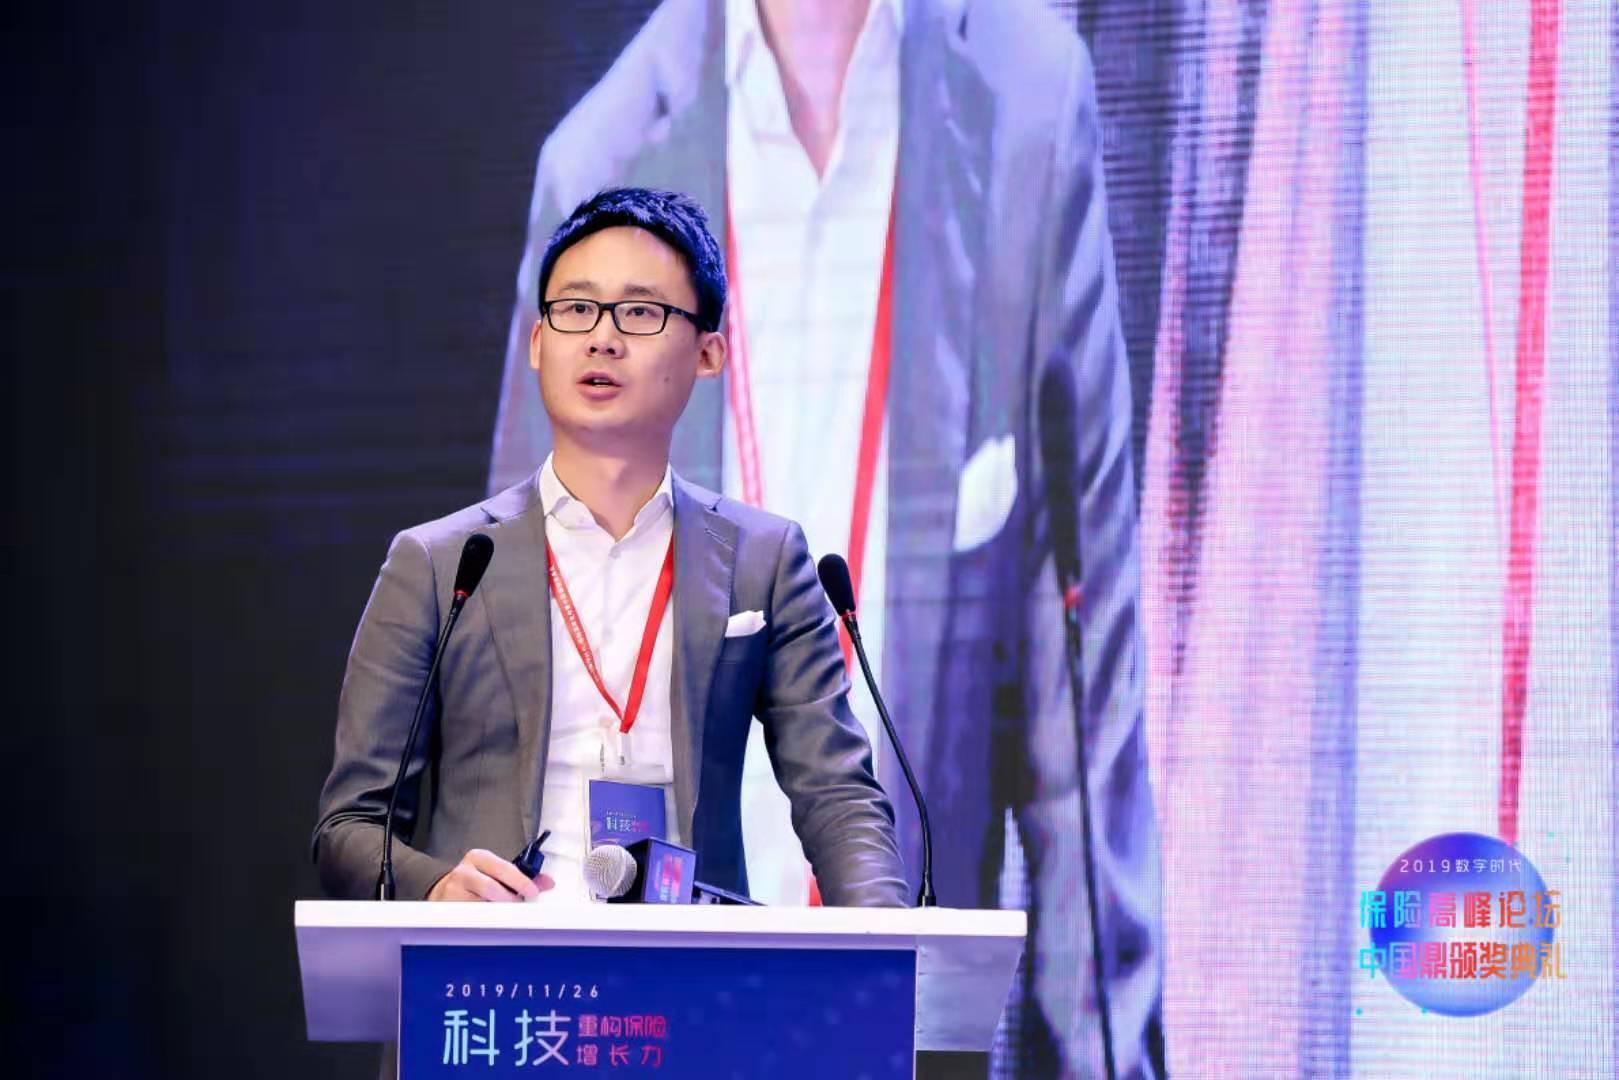 赌场设计规范-广东政策性农村住房保险基本全覆盖 参保率接近100%